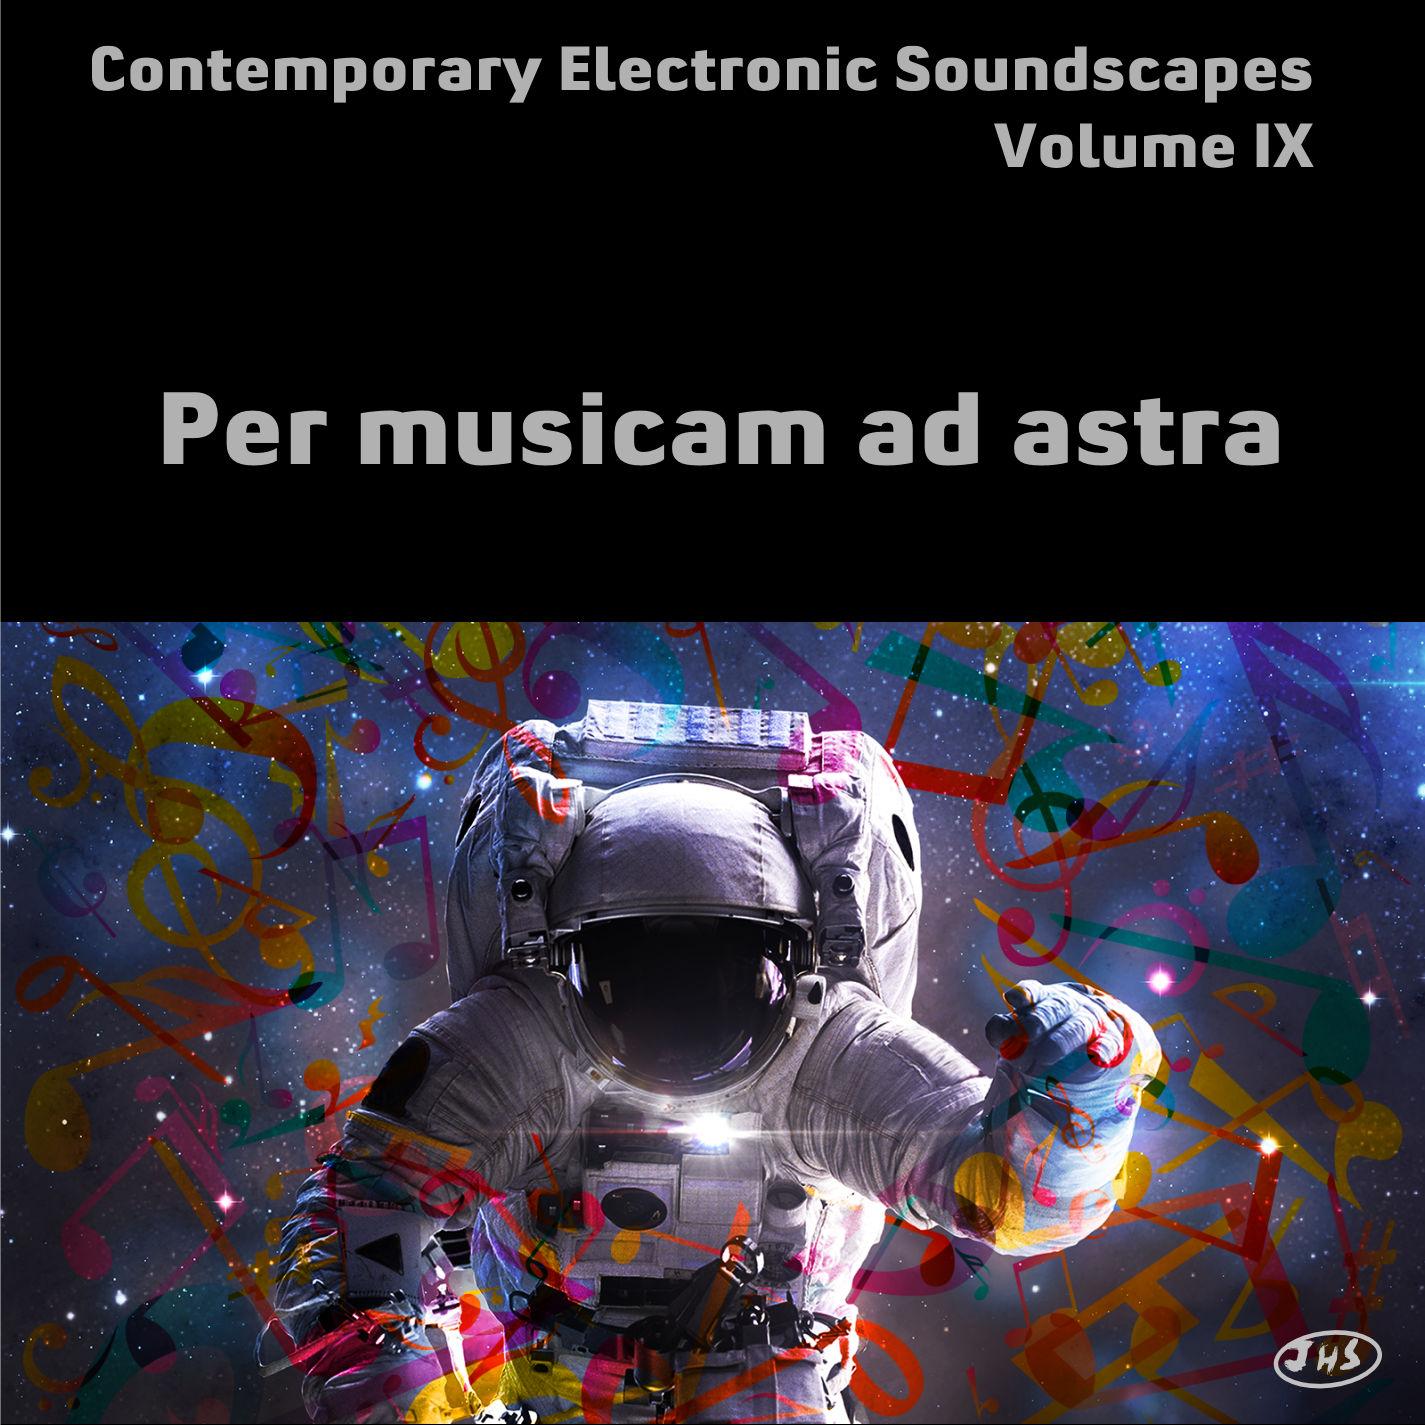 CES Volume IX Per musicam ad astra cover front 1425x1425